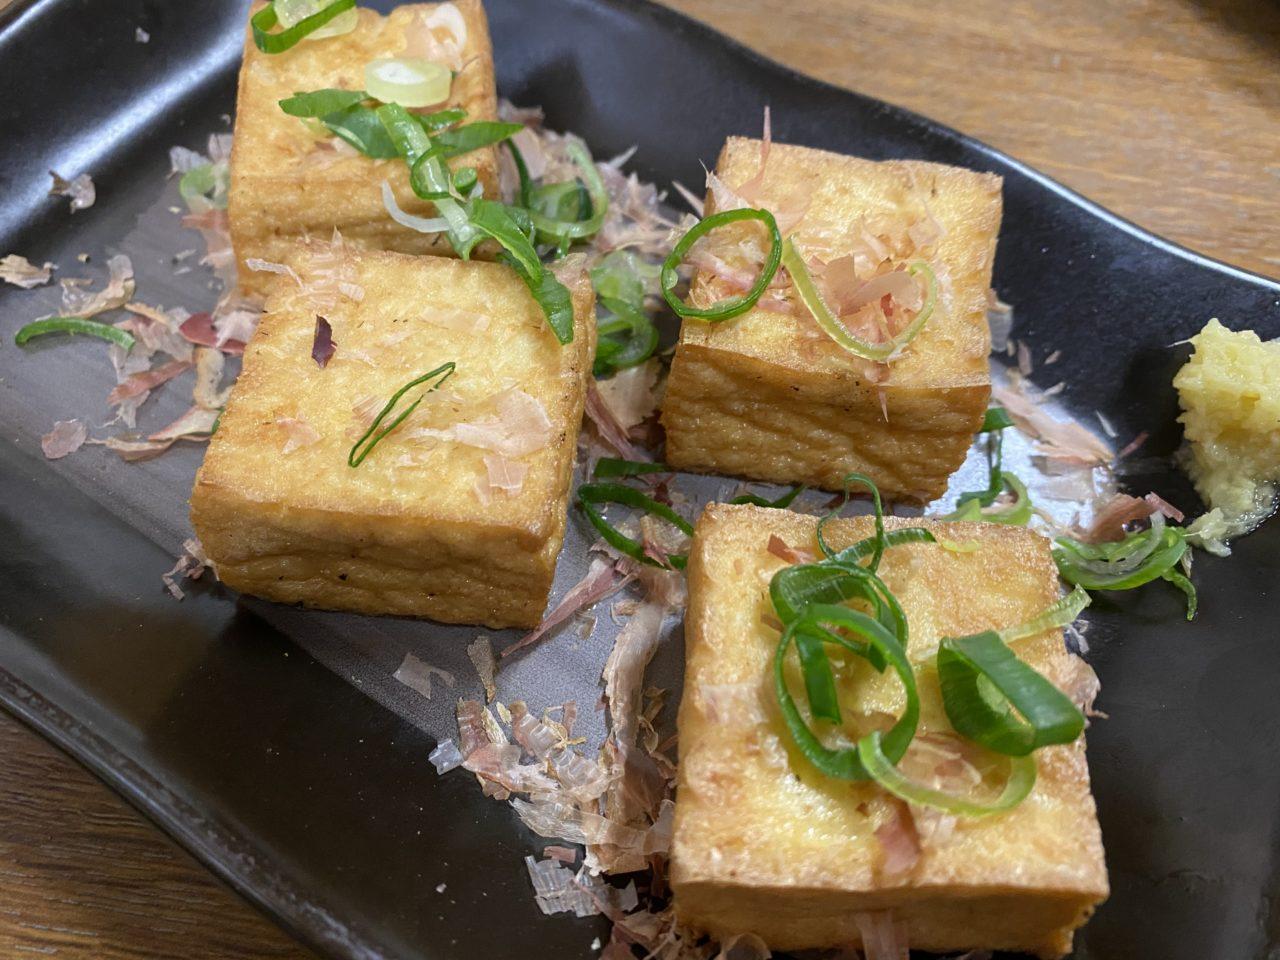 姫路駅前の路地にある古い昔ながらの鶏がウリの居酒屋「一番」のヒネ鶏がマジで一番な美味さでビビった!